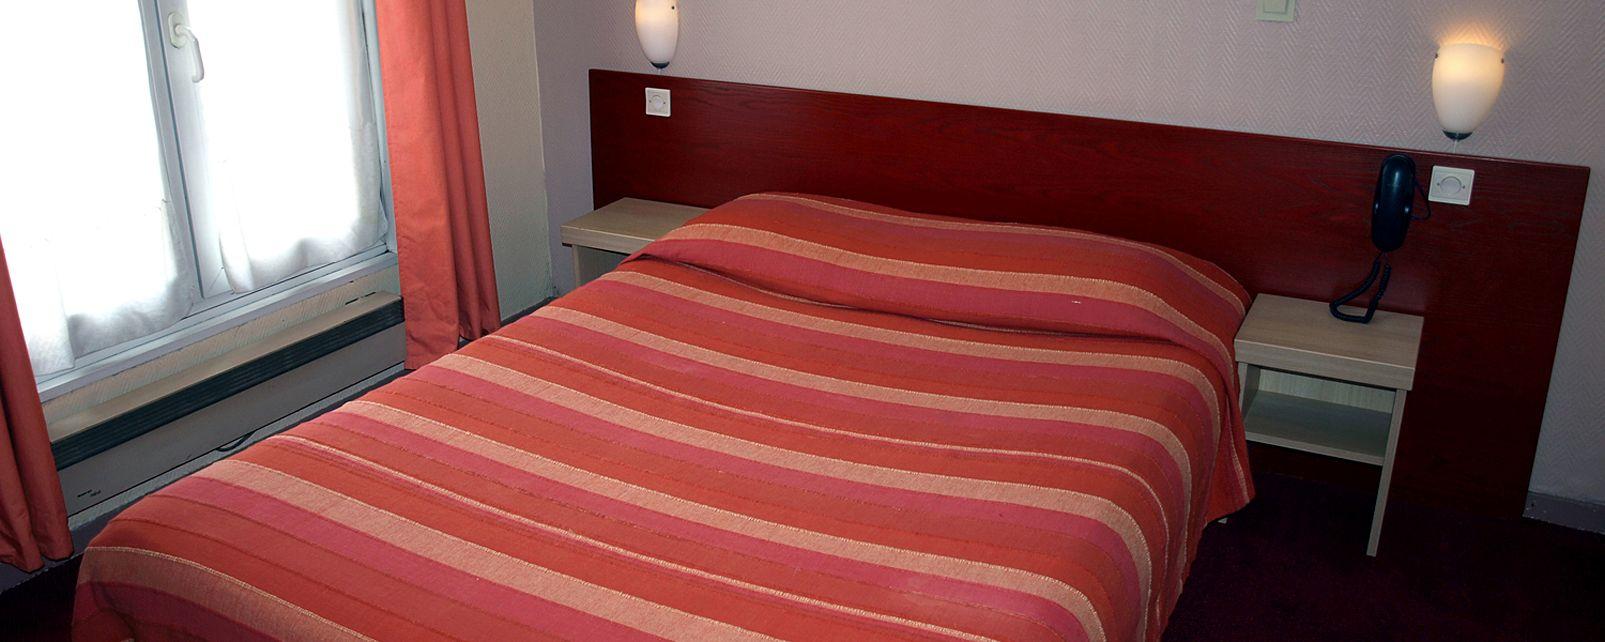 Hôtel Paris Villette Hotel